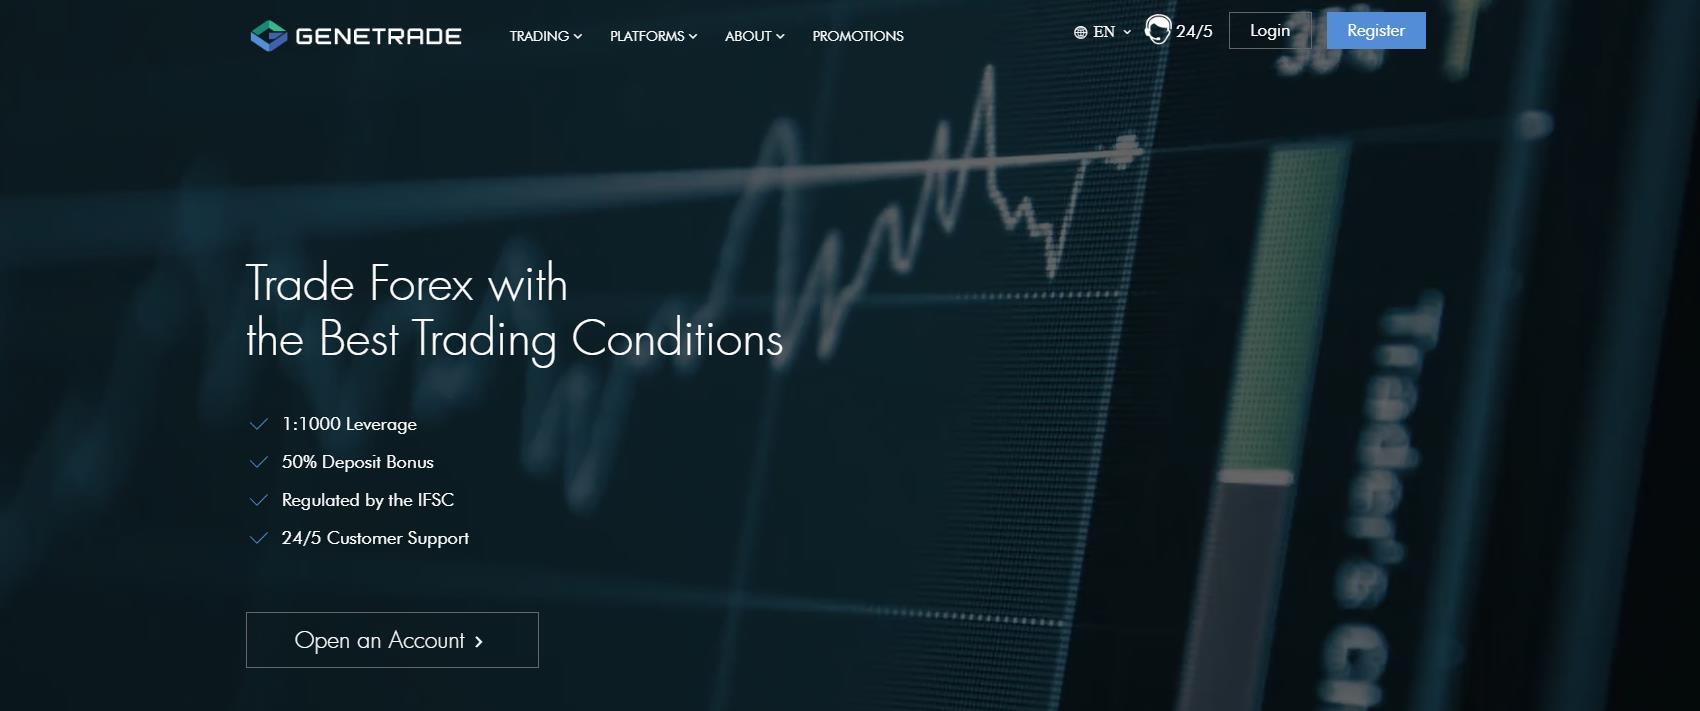 обзор официального сайта genetrade